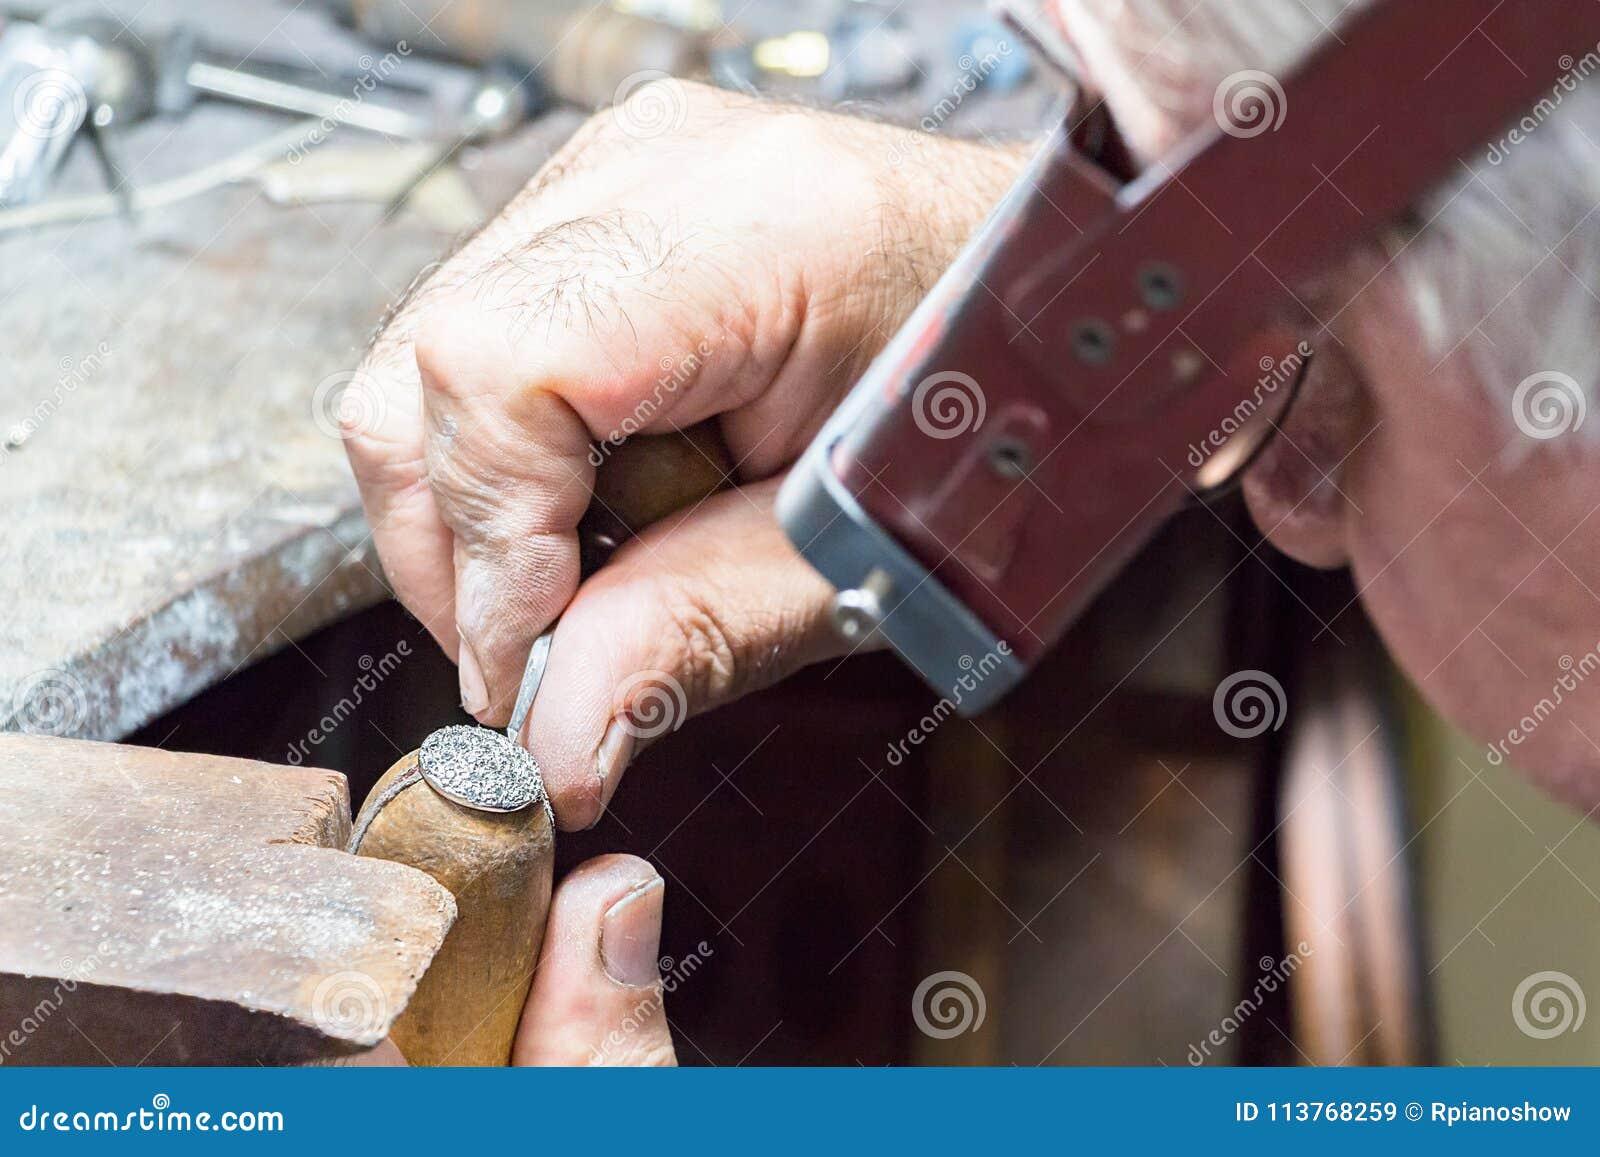 fa459ef23e2a Un joyero que lleva una lupa principal del visera está grabando diamantes en  un anillo puesto en una abrazadera de madera con un buril manual